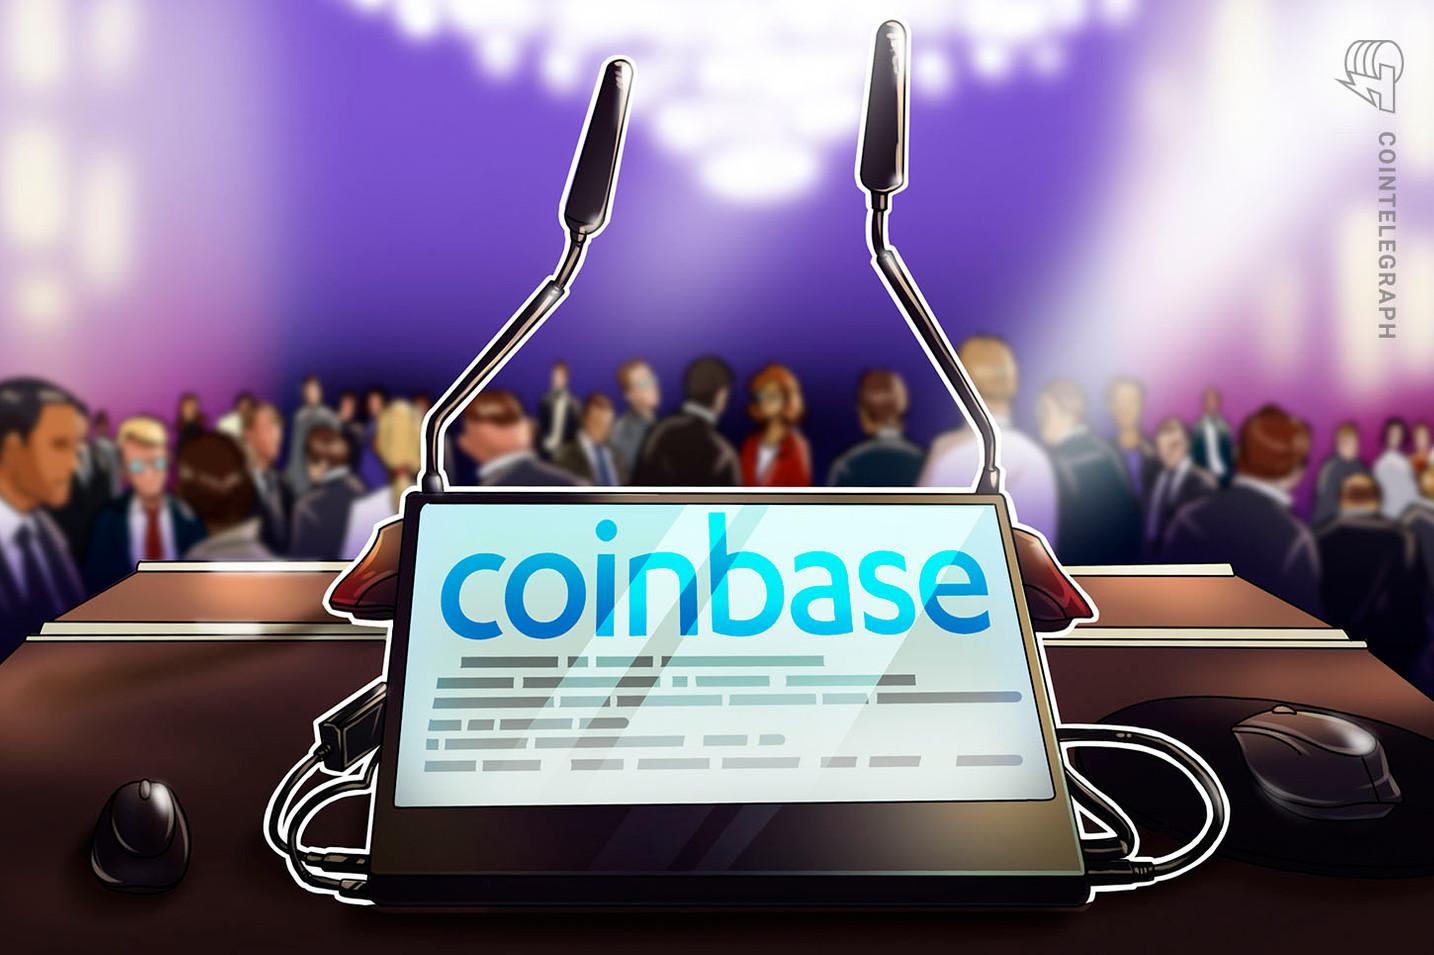 「先月の暴落時 個人投資家は仮想通貨ビットコインを買っていた」=コインベース